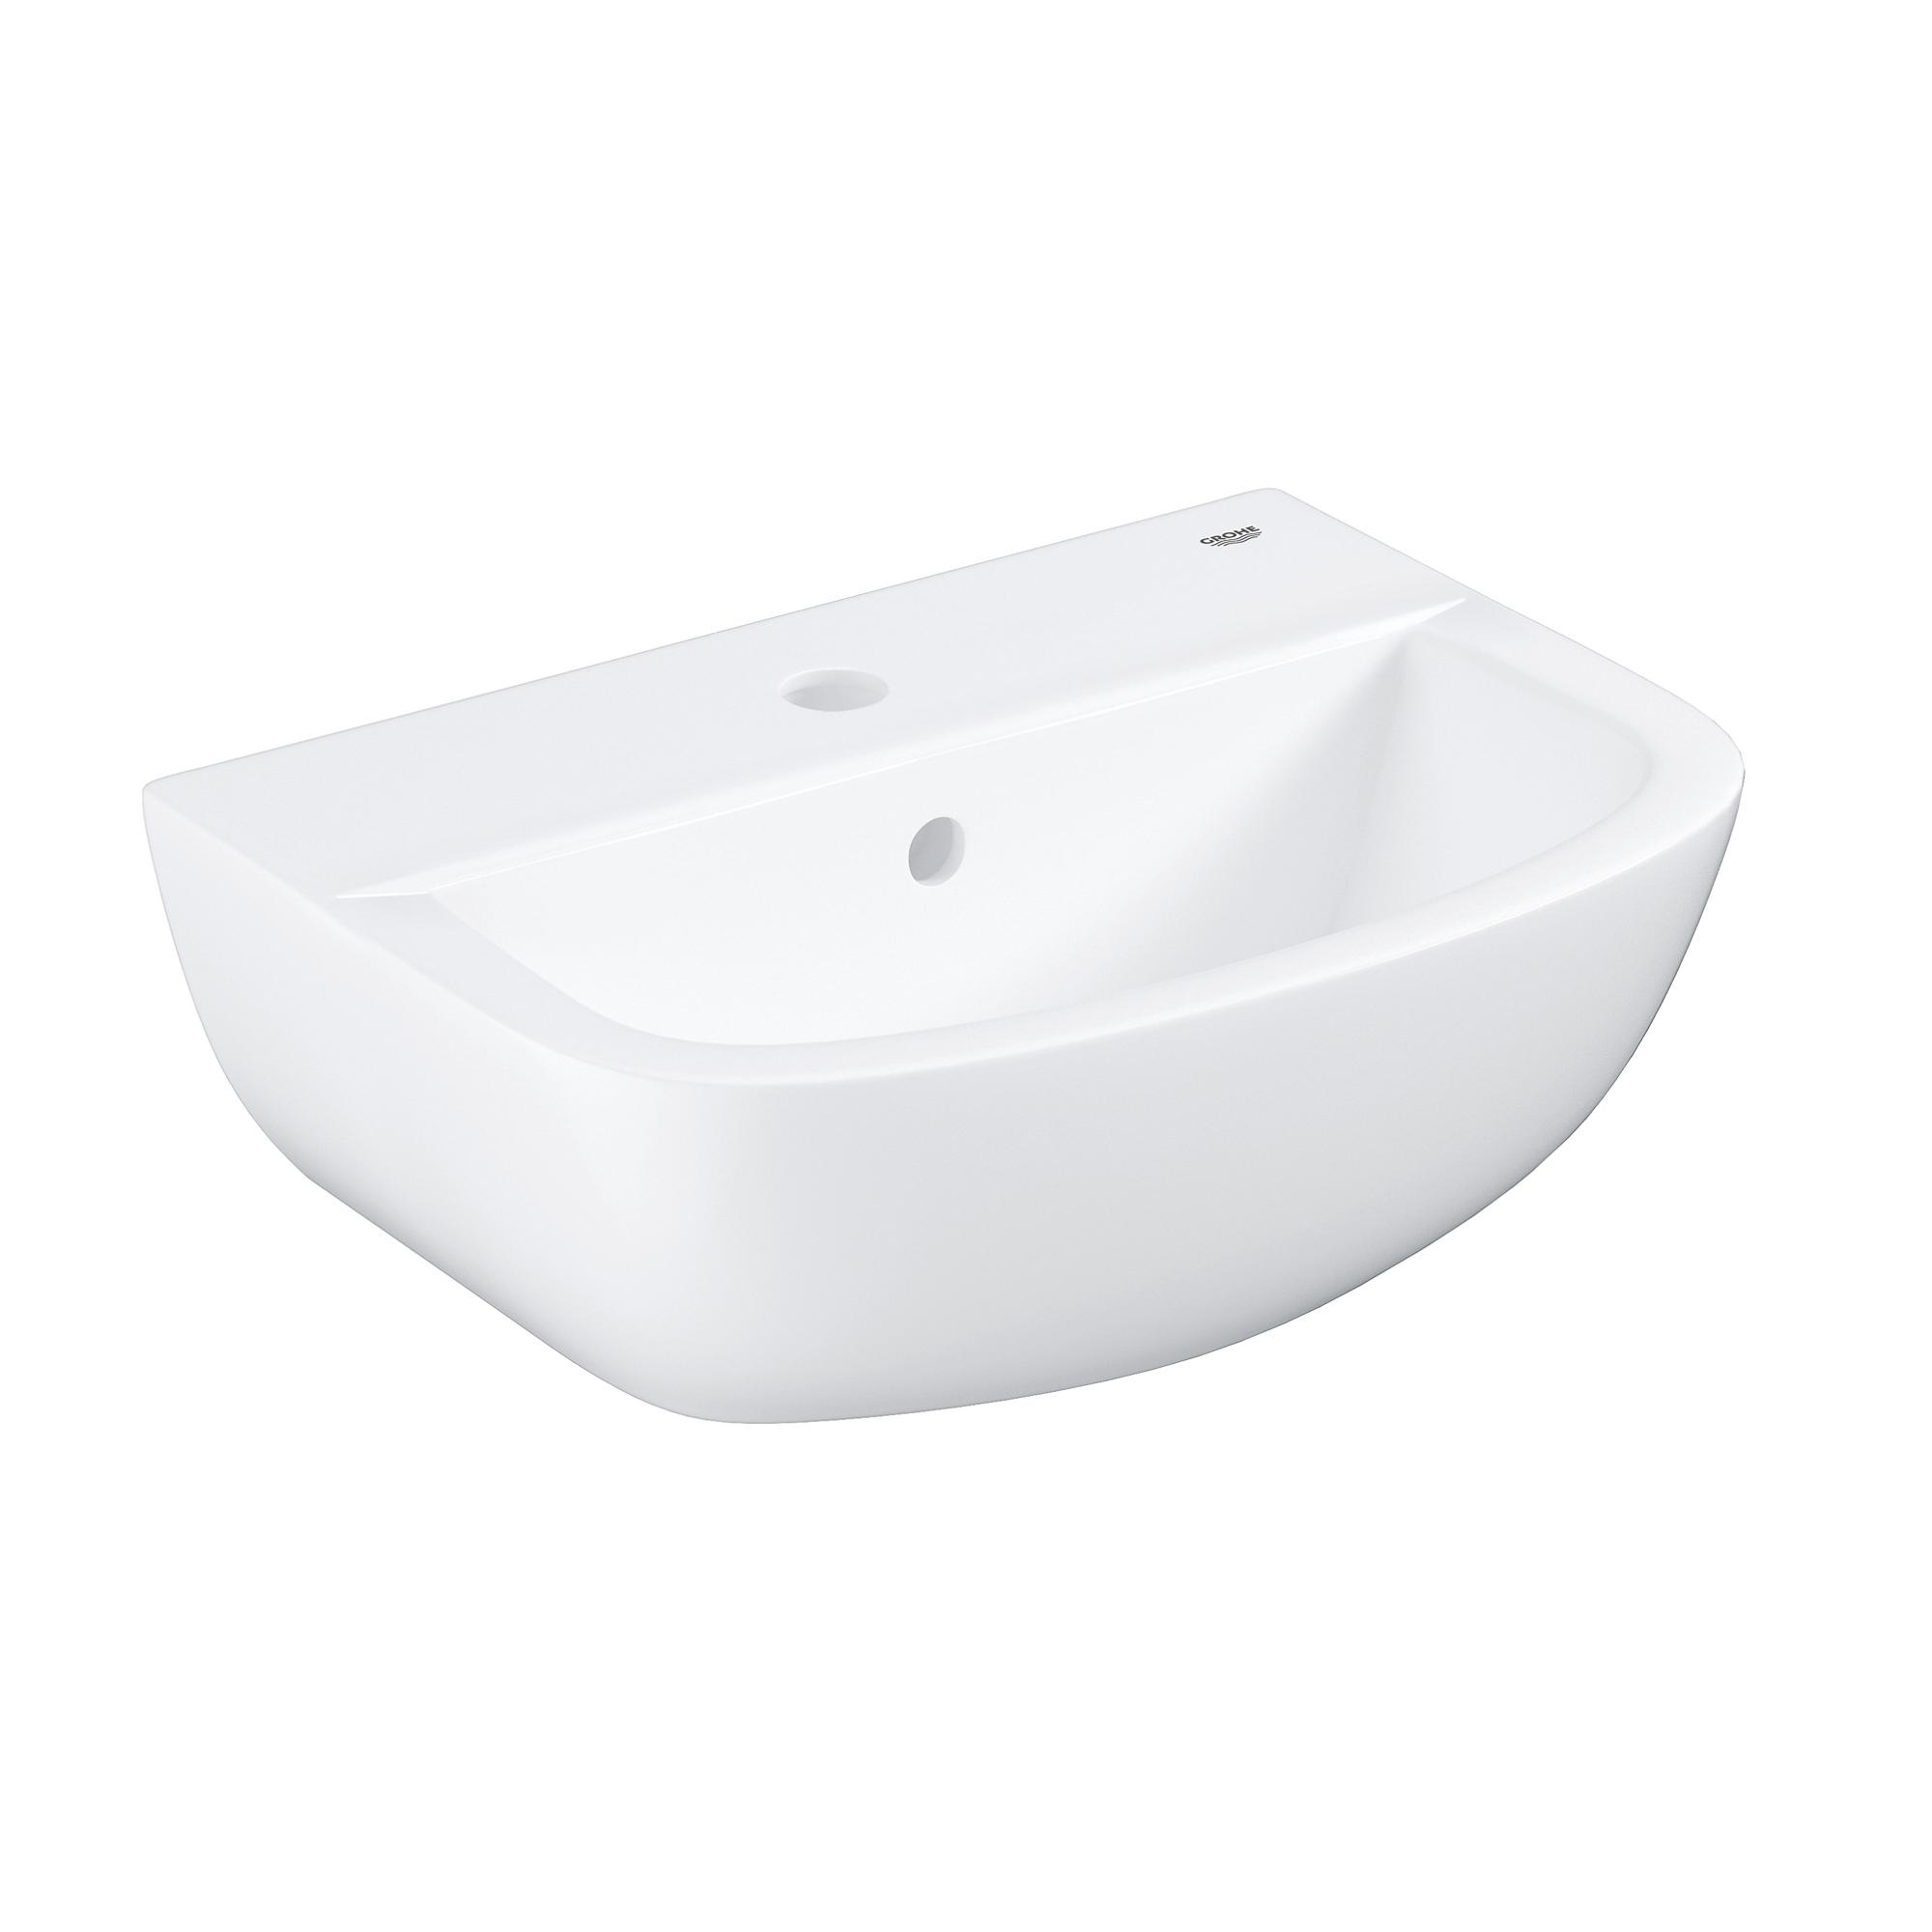 Купить Мини-раковина GROHE Bau Ceramic 45 см, альпин-белый (39424000), Раковины санфаянс, Вьетнам, сантехнический фарфор